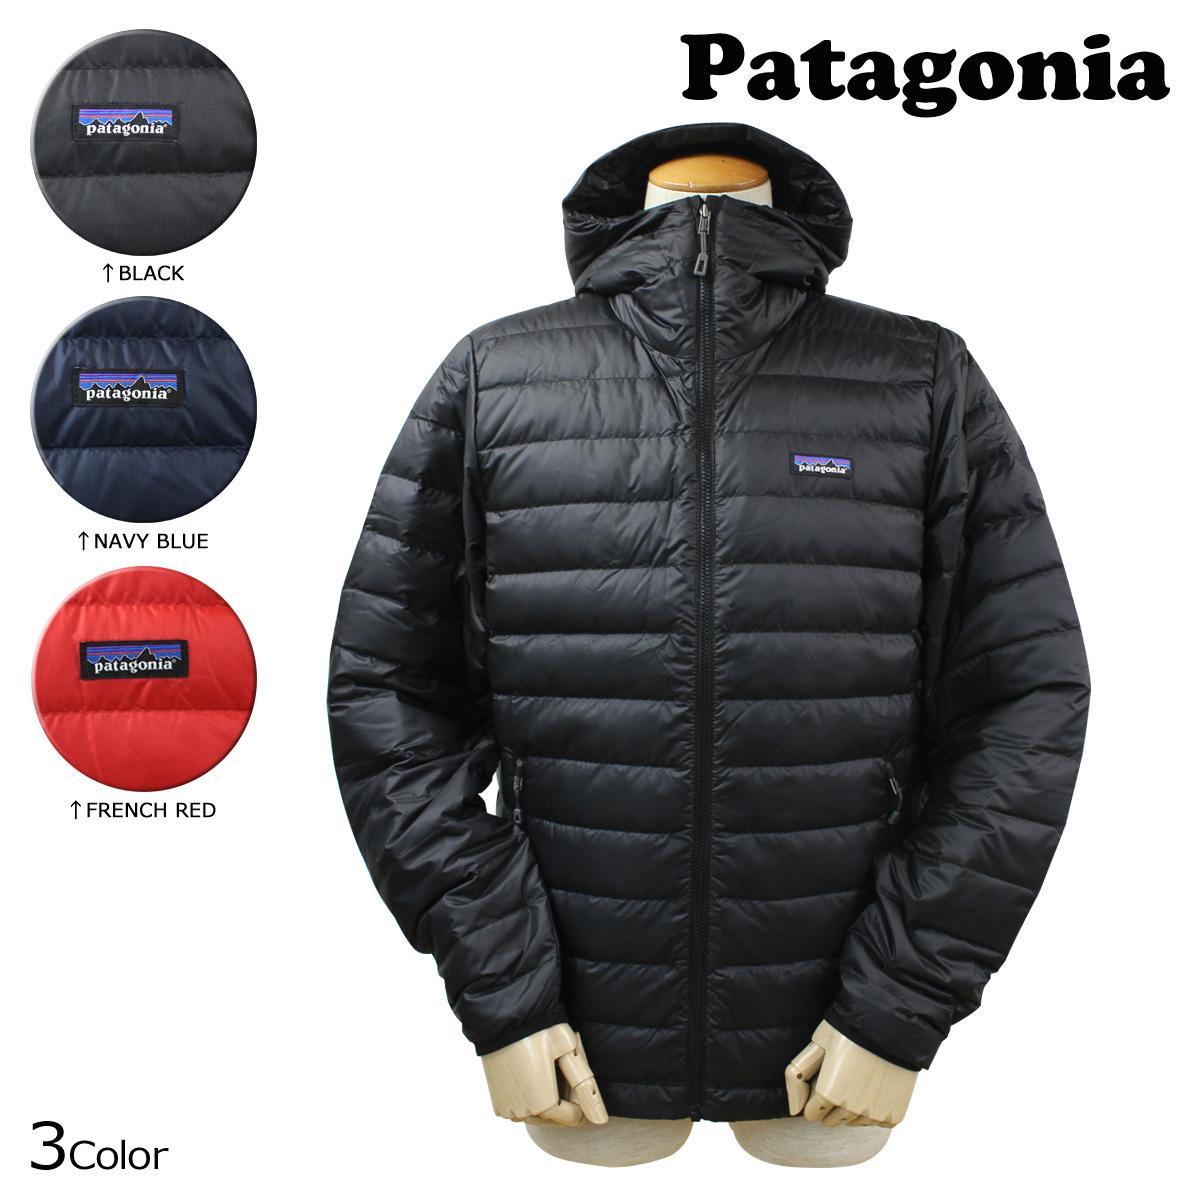 驚きの値段 パタゴニア patagonia メンズ ダウンジャケット MENS MENS IN DOWN SWEATER HOODY 84701 メンズ:ALLSPORTS, K.Y.FACTORY:fe00c3cb --- nagari.or.id